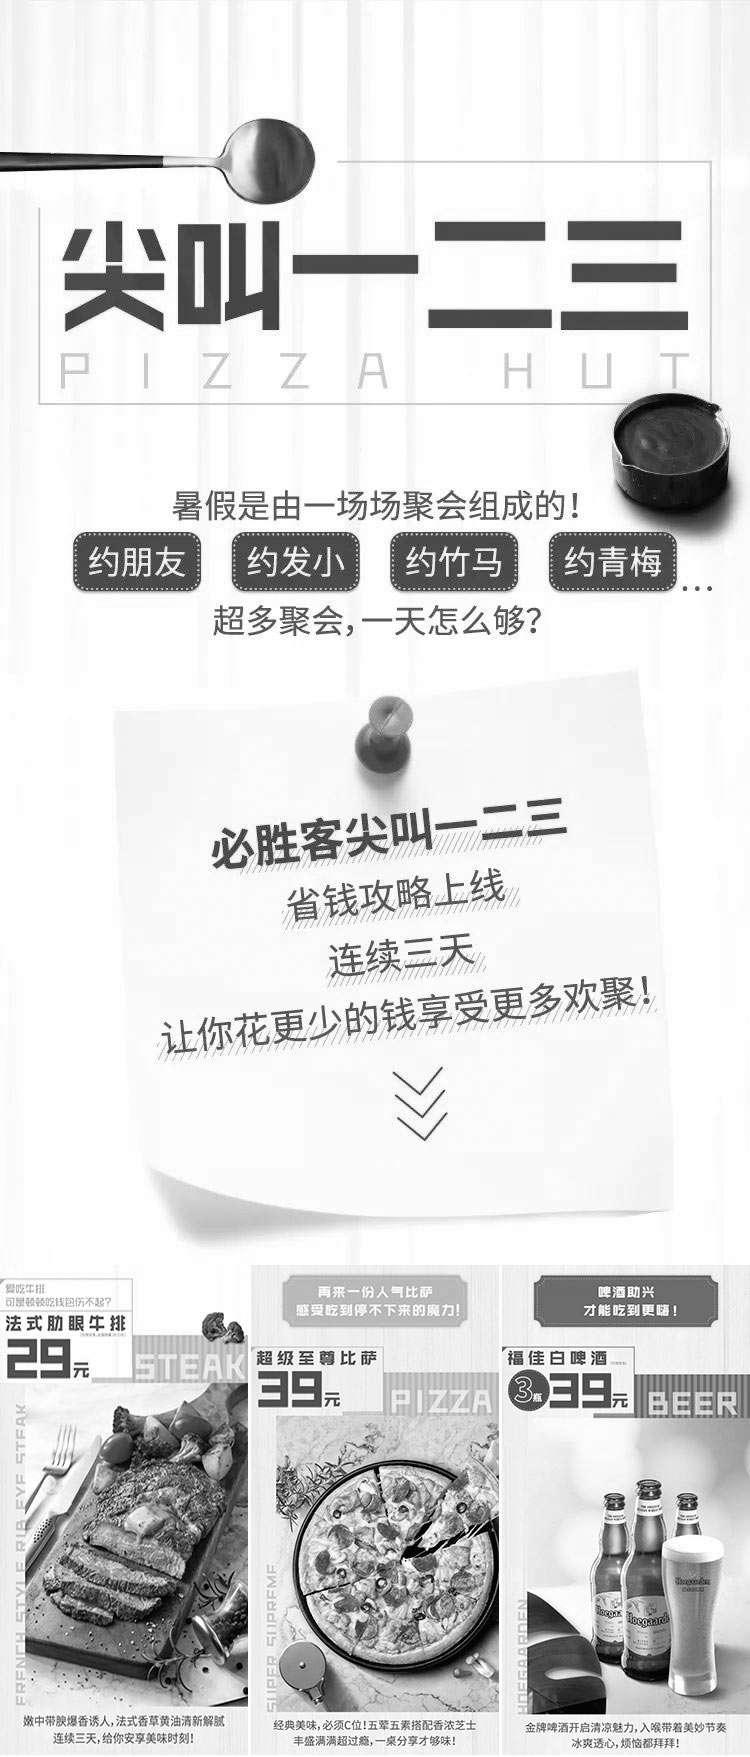 黑白优惠券图片:必胜客2019年7月尖叫一二三活动,29元牛排39元比萨别错过 - www.5ikfc.com